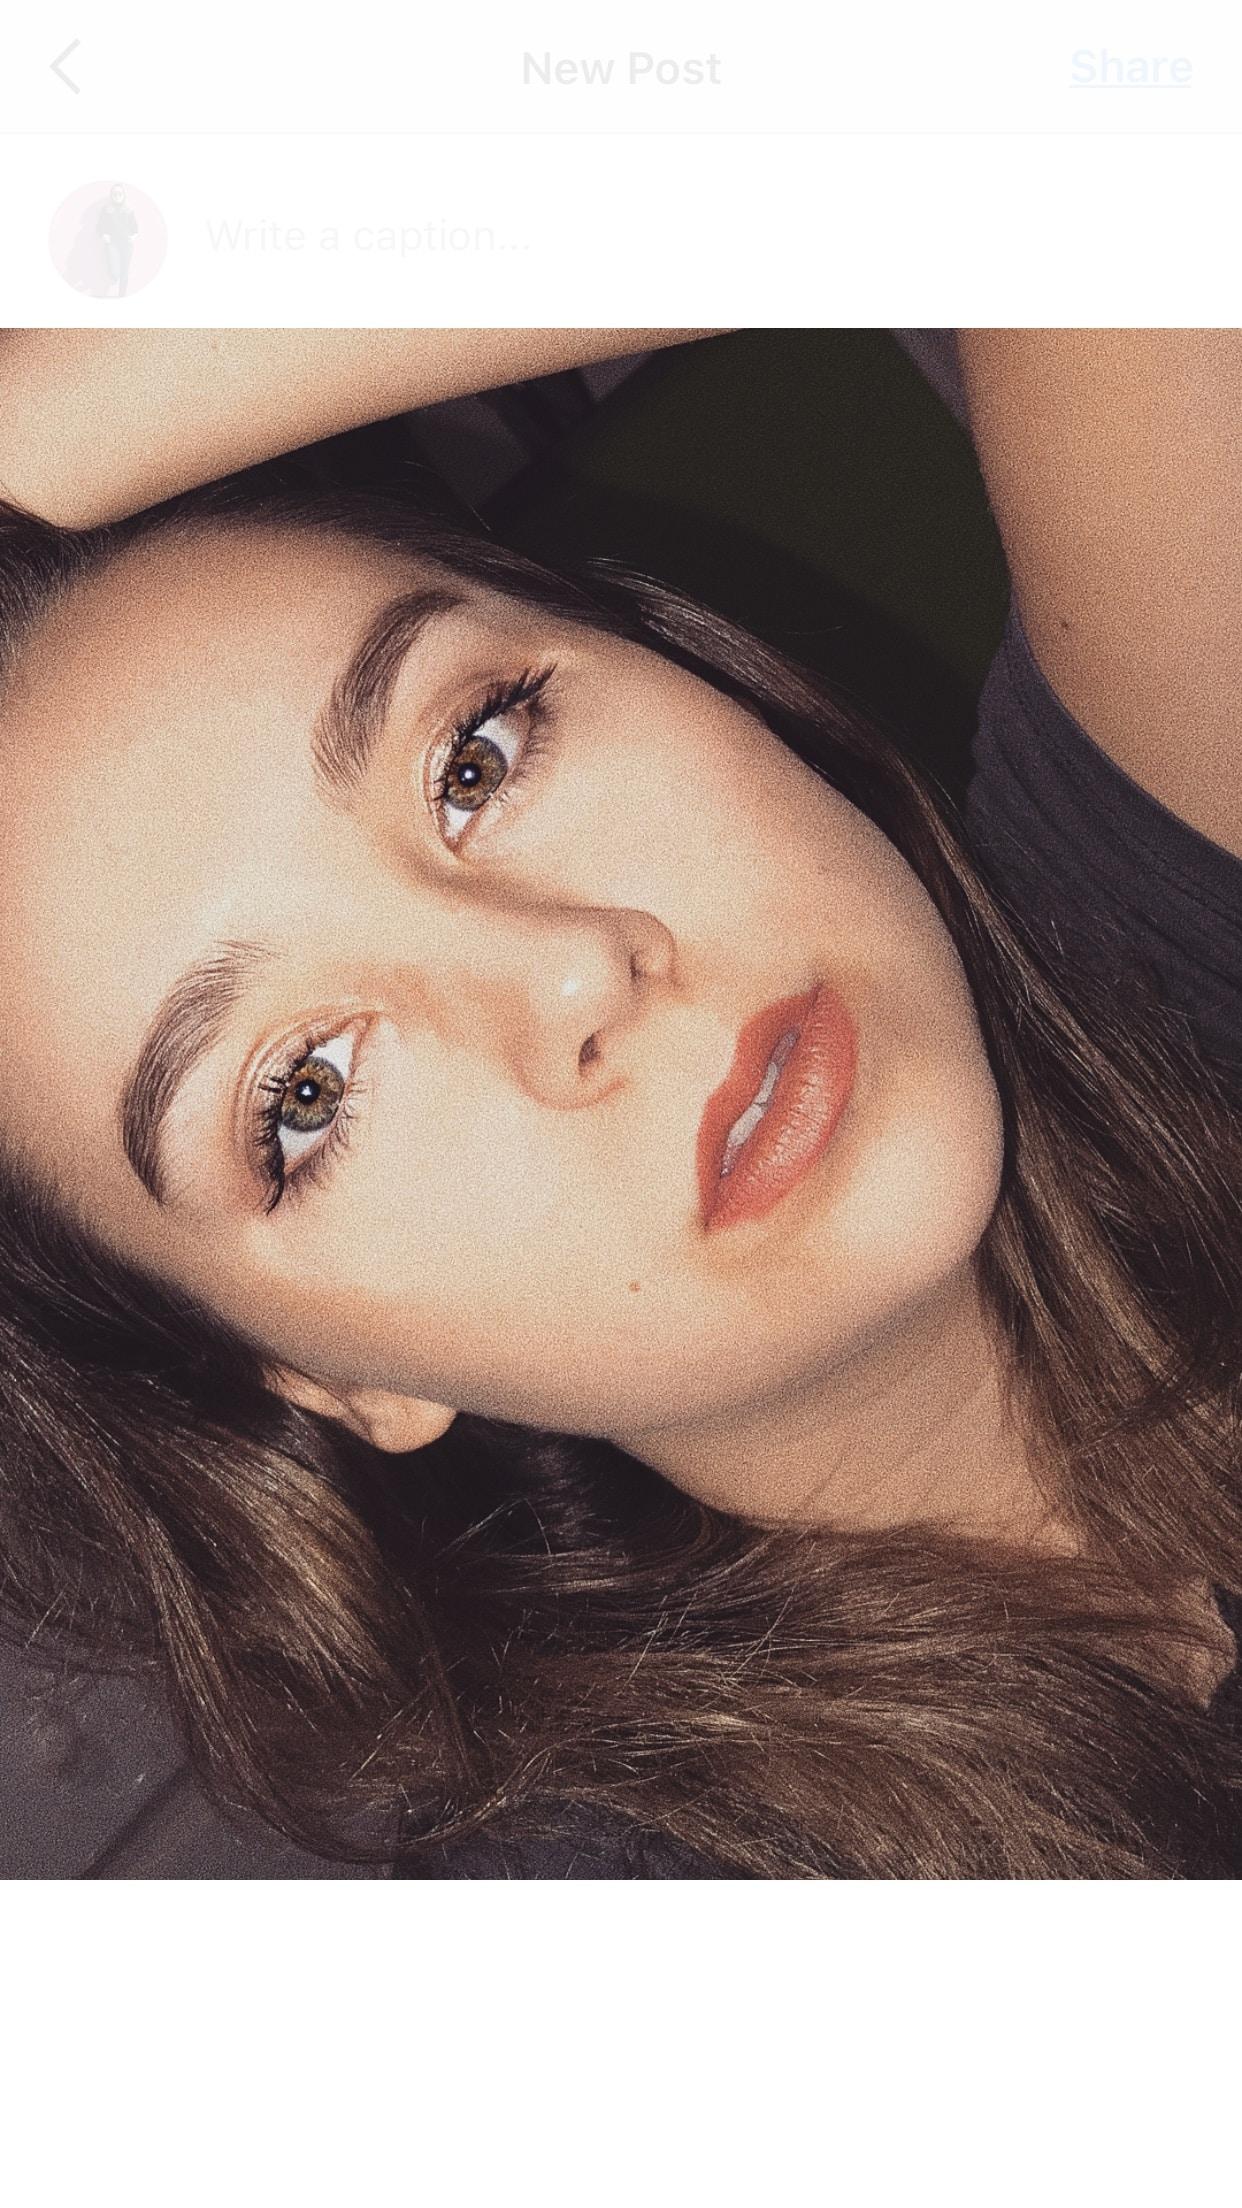 Go to Alyssa Rubick's profile